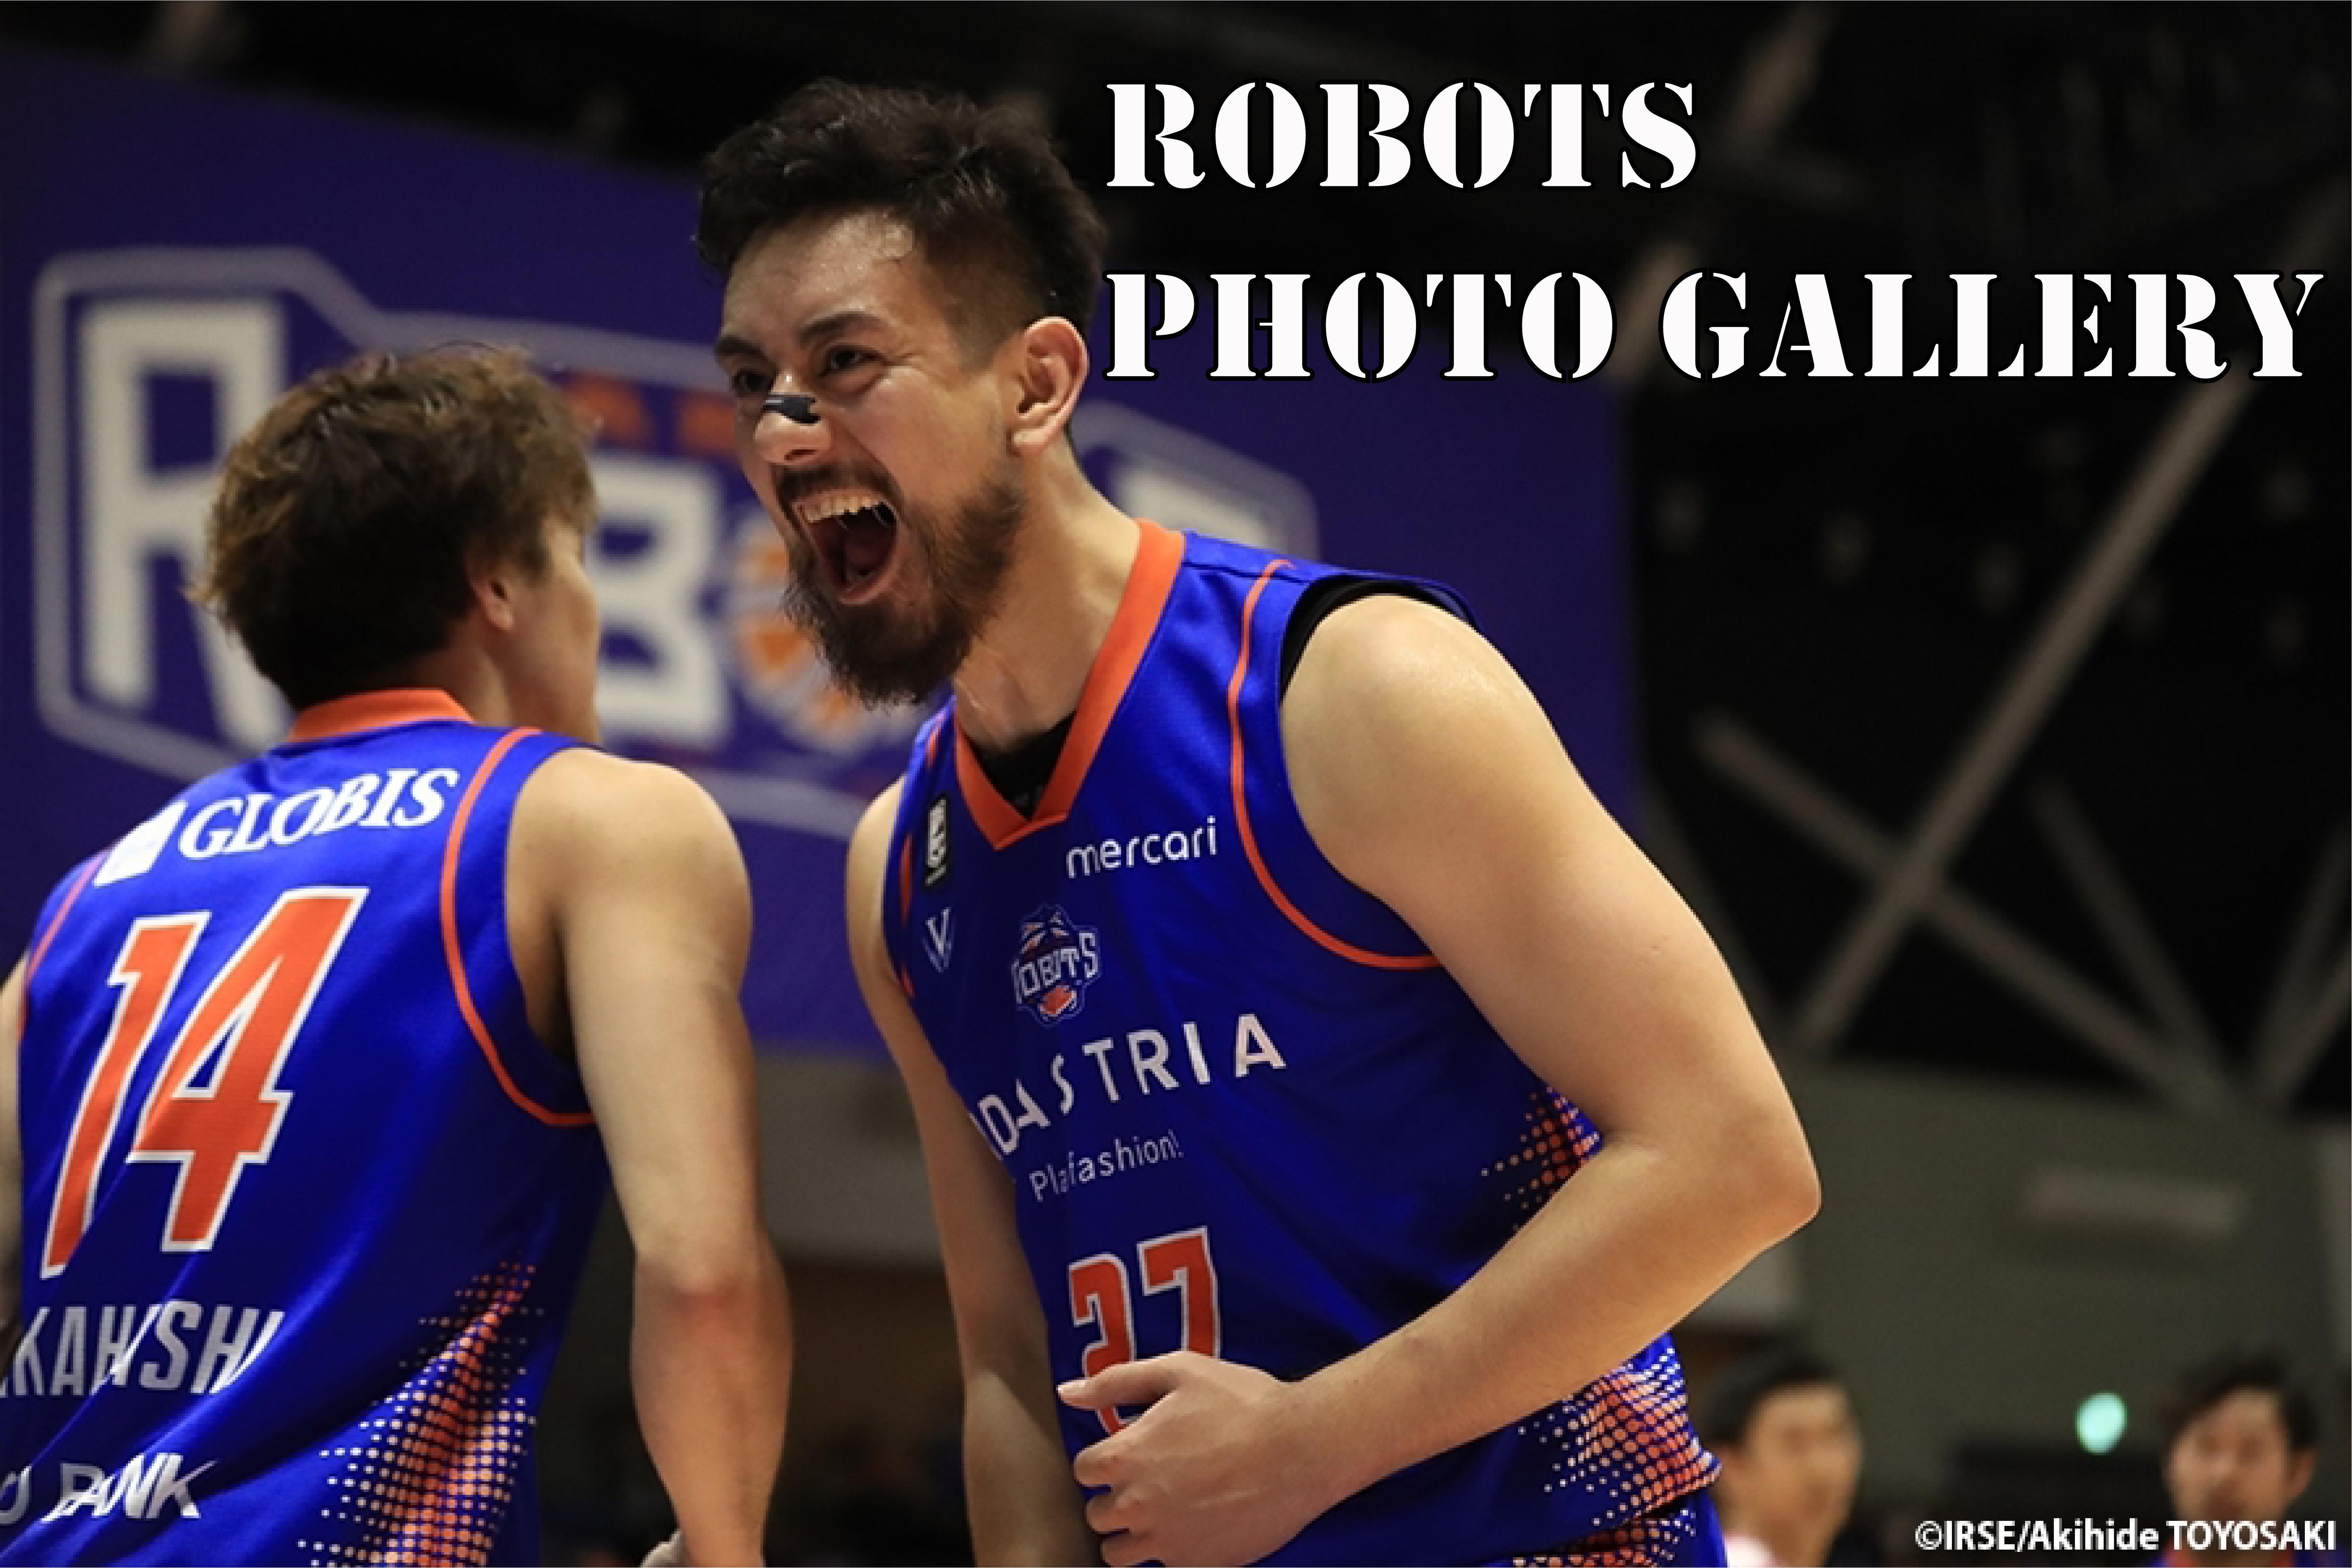 『ROBOTS PHOTO GALLERY』 2019-20シーズン 第18節 vs.福島ファイヤーボンズ